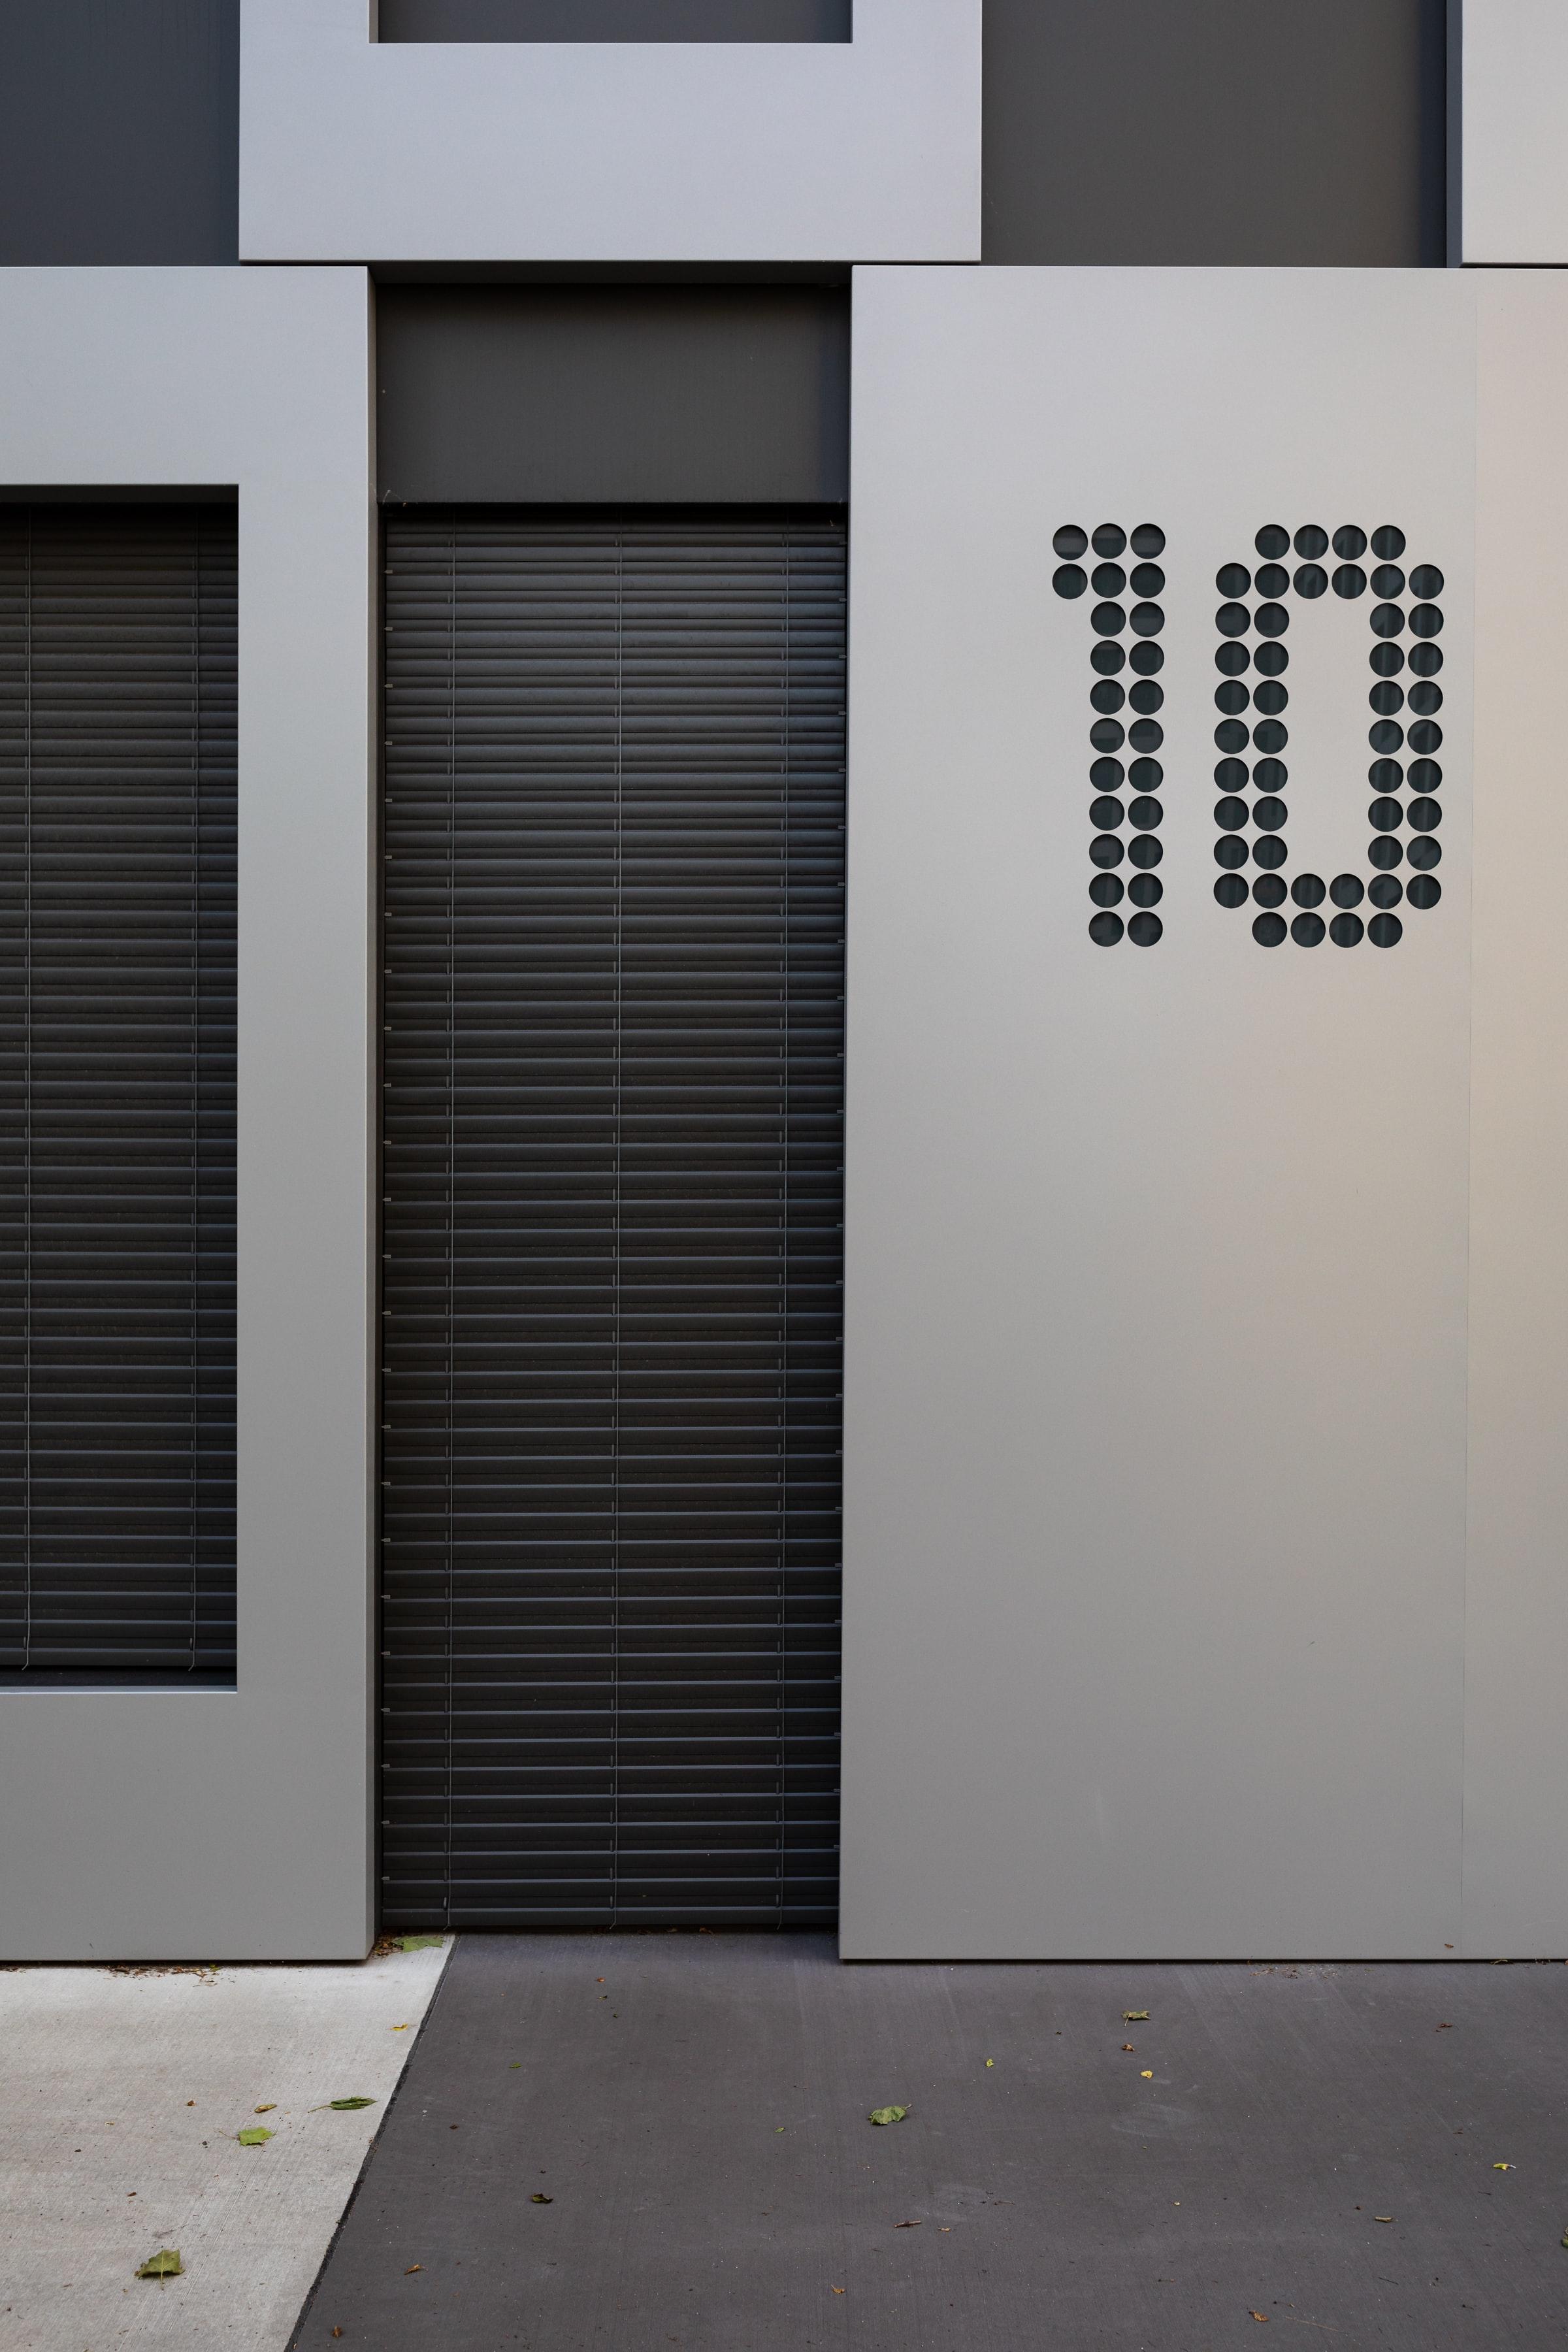 118549壁紙のダウンロード言葉, 10, 碑文, 数字, 番号, 壁, ポイント, 点-スクリーンセーバーと写真を無料で